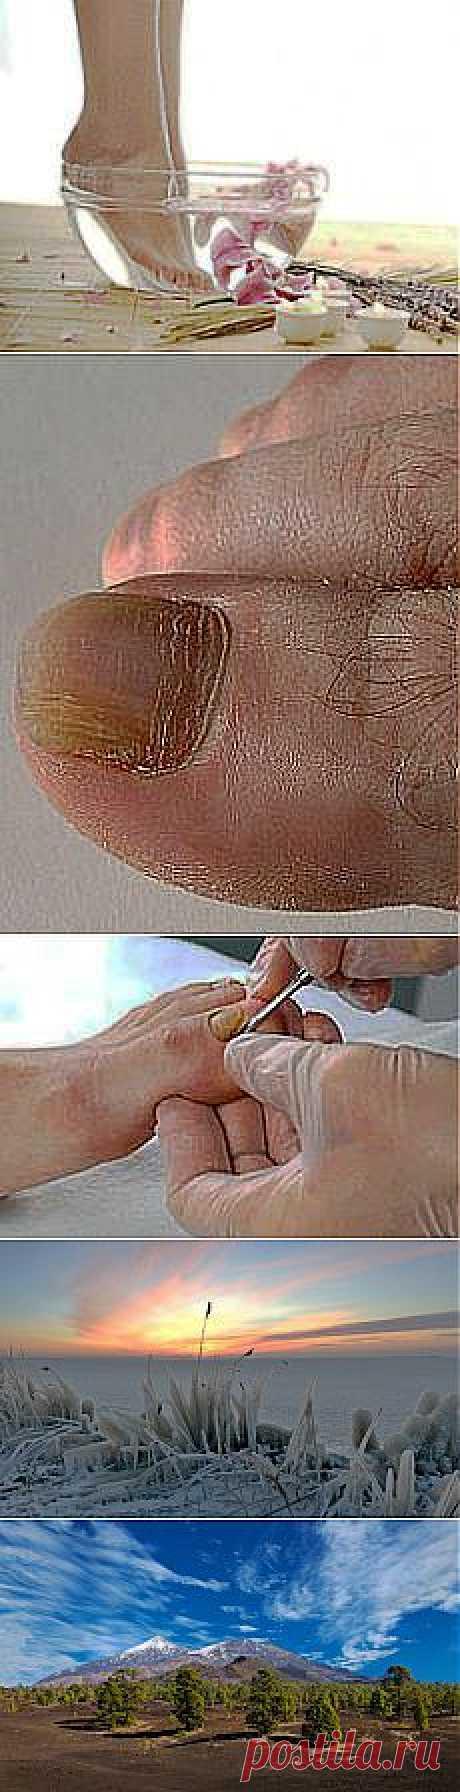 Как размягчить ногти на ногах: способы лечения и другие материалы. Новое в Вашей подборке на Постила.ru - arletta1951@mail.ru - Почта Mail.Ru